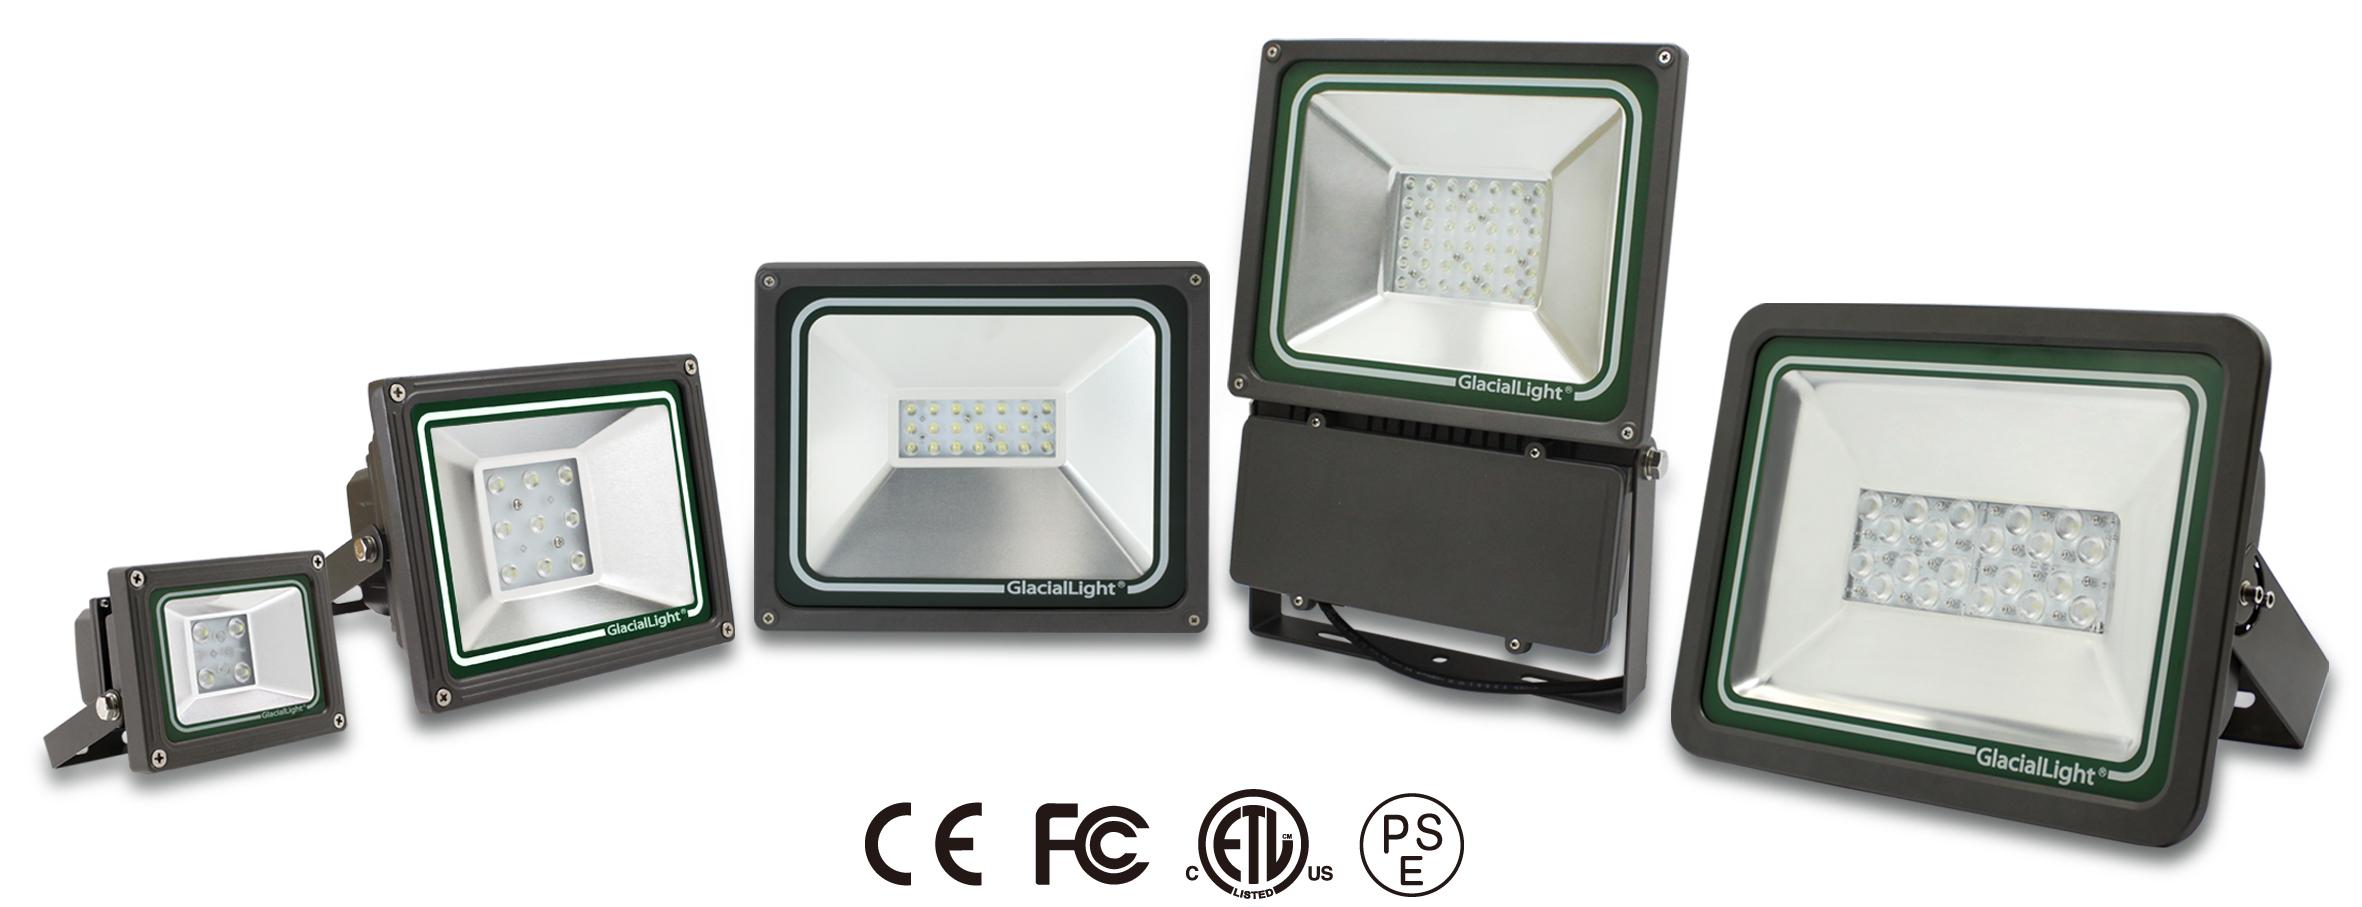 Nuevos focos led de glaciallight mundo digital for Focos de led para exterior